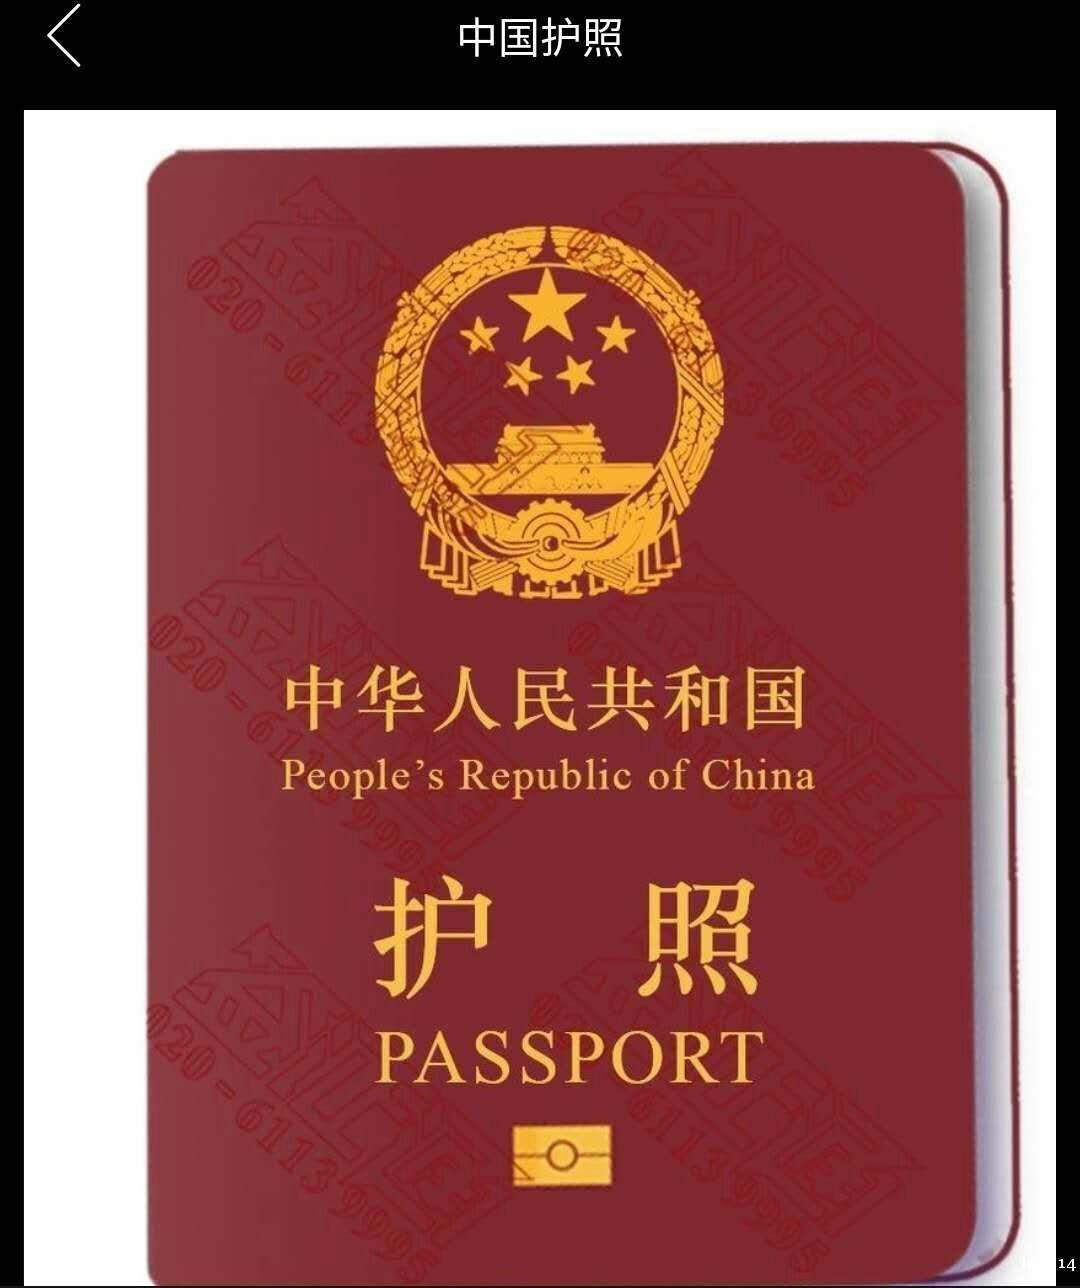 洛杉矶领事馆代办//代取,护照更新